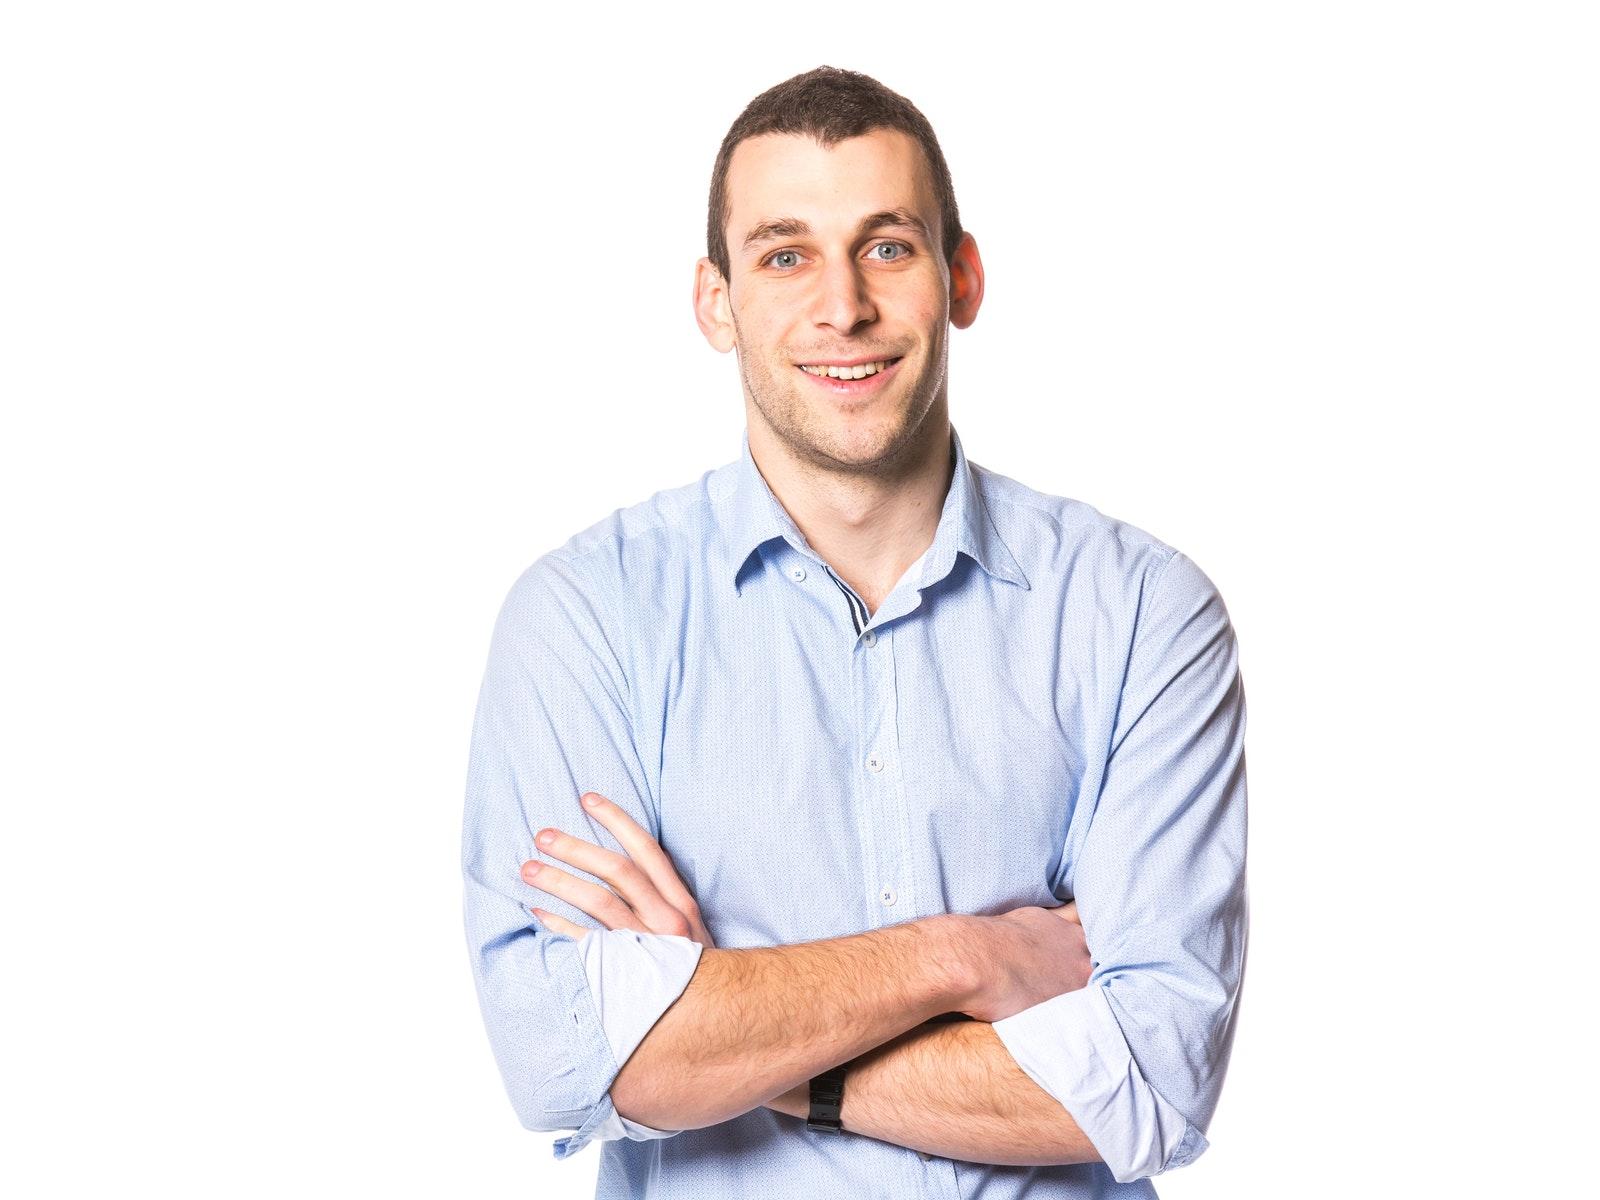 Michael Shafar